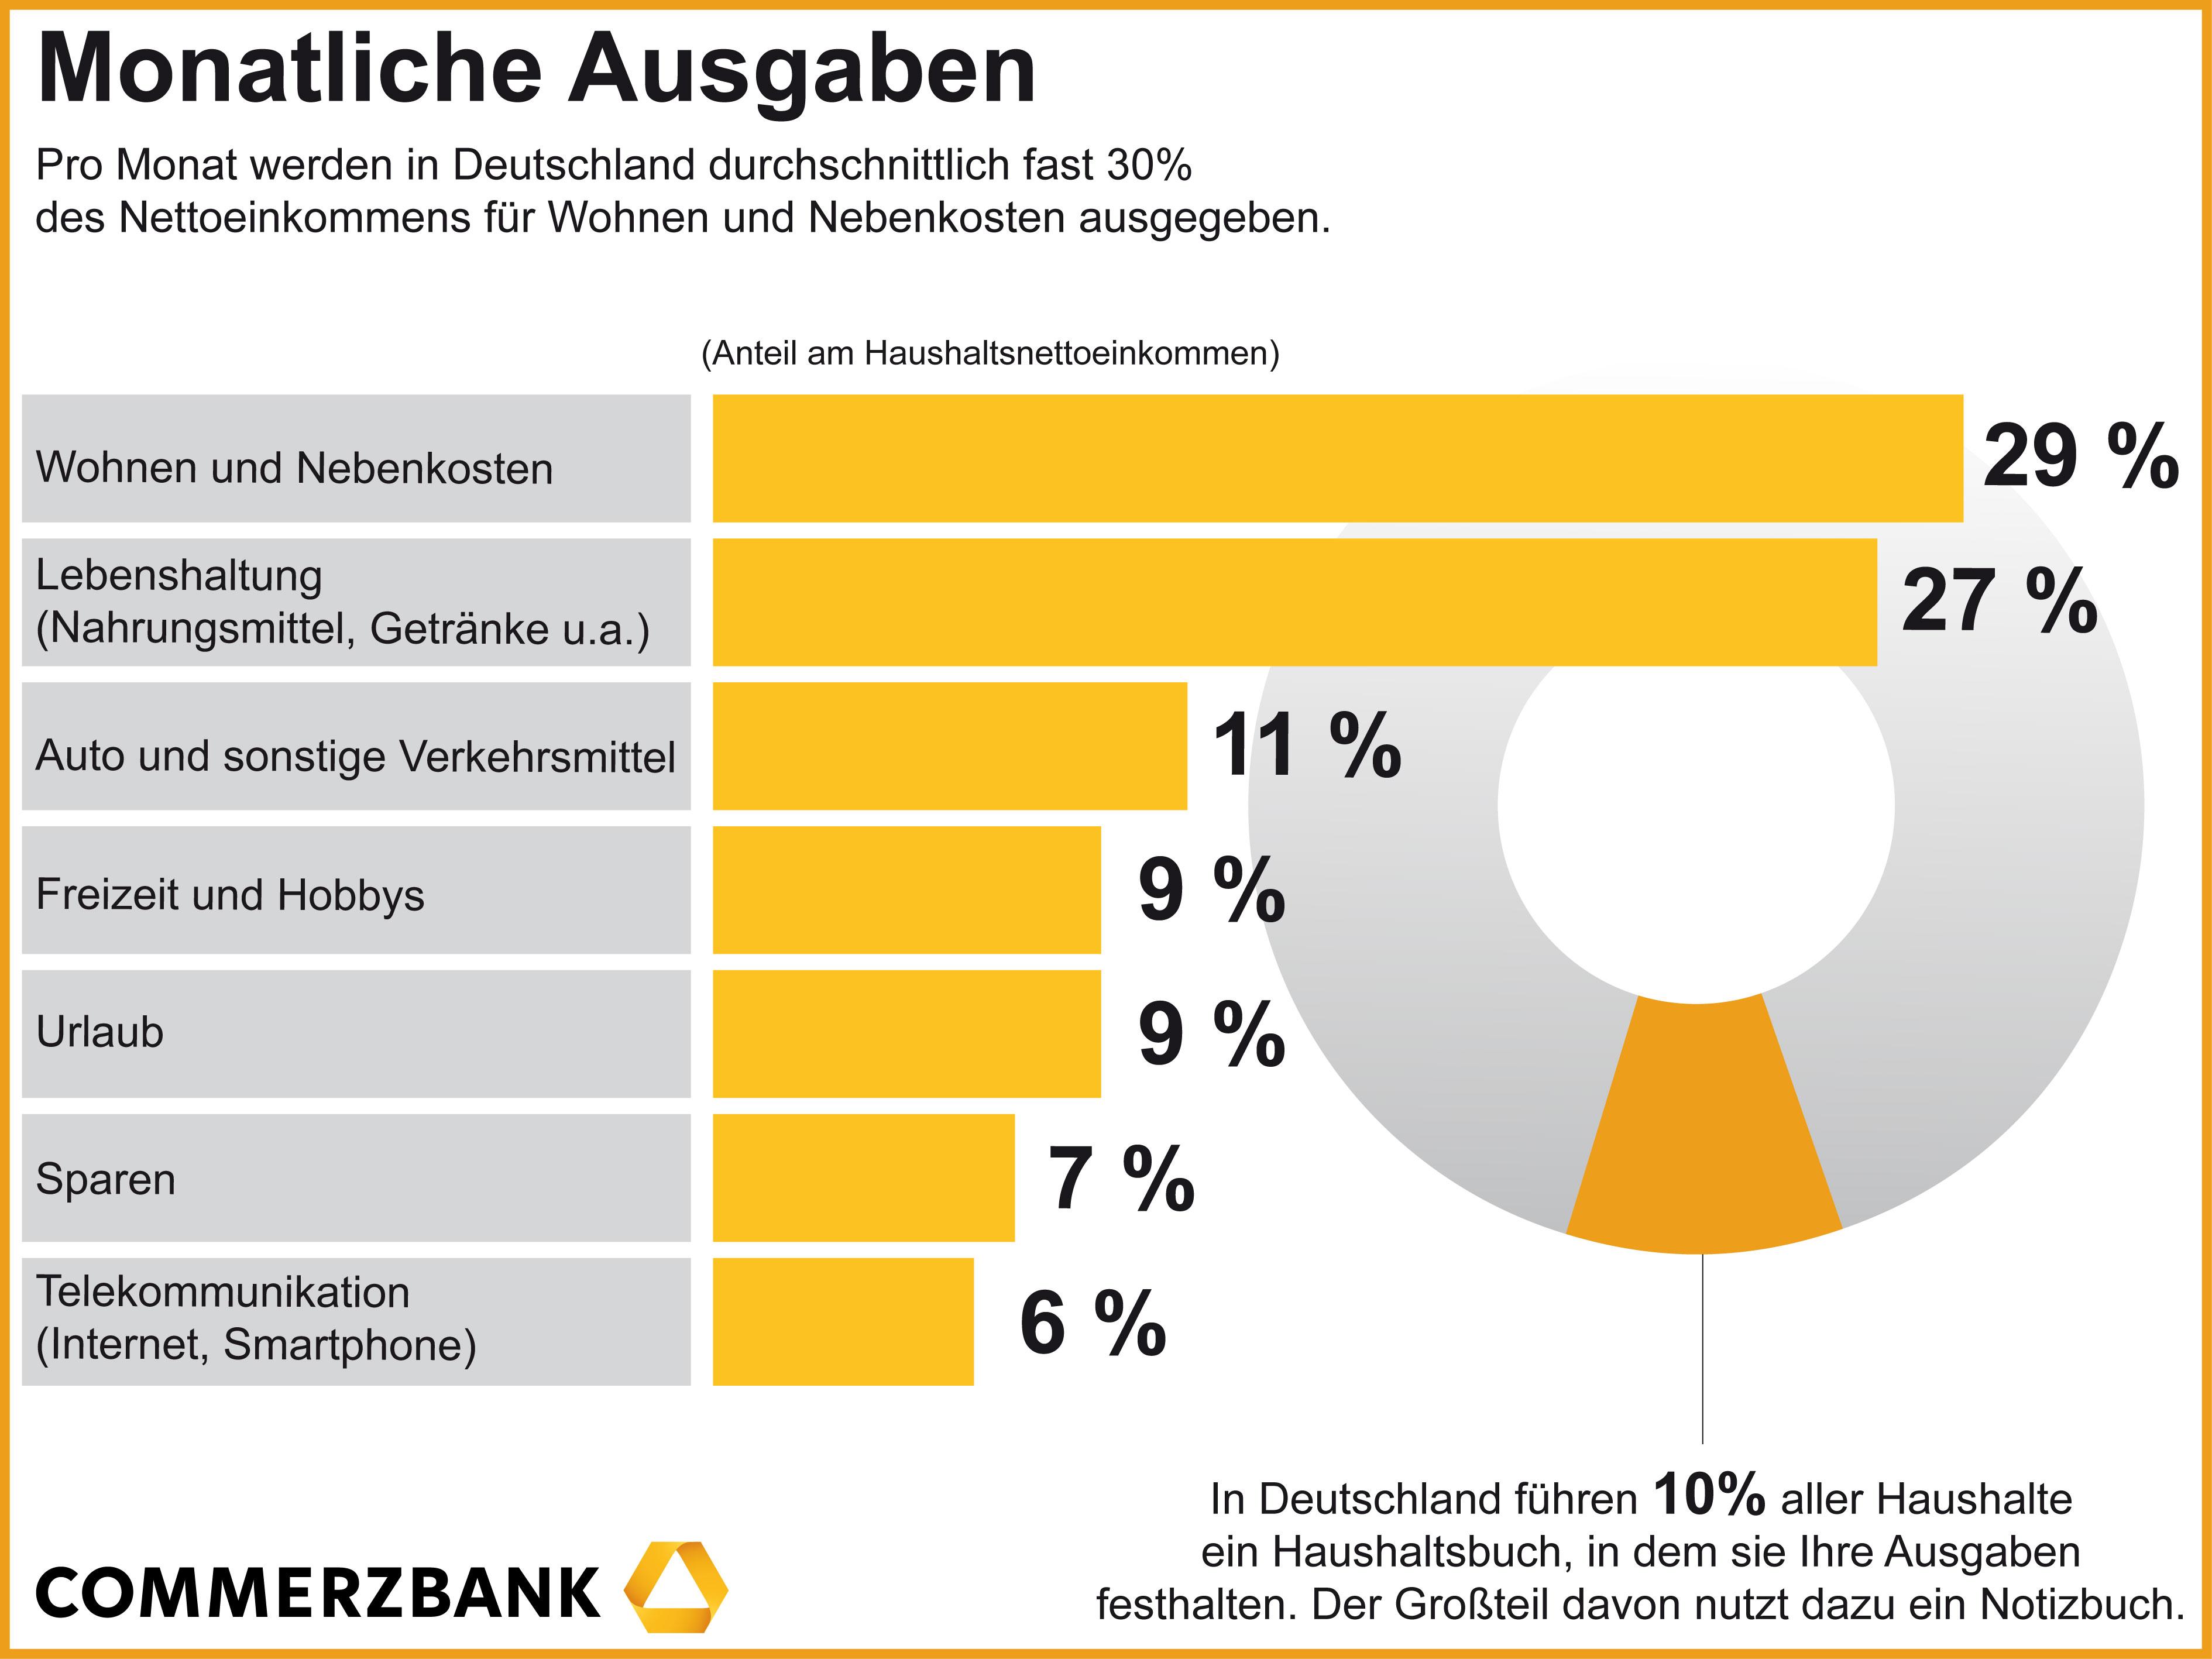 Commerzbank Ag Presseinformationen